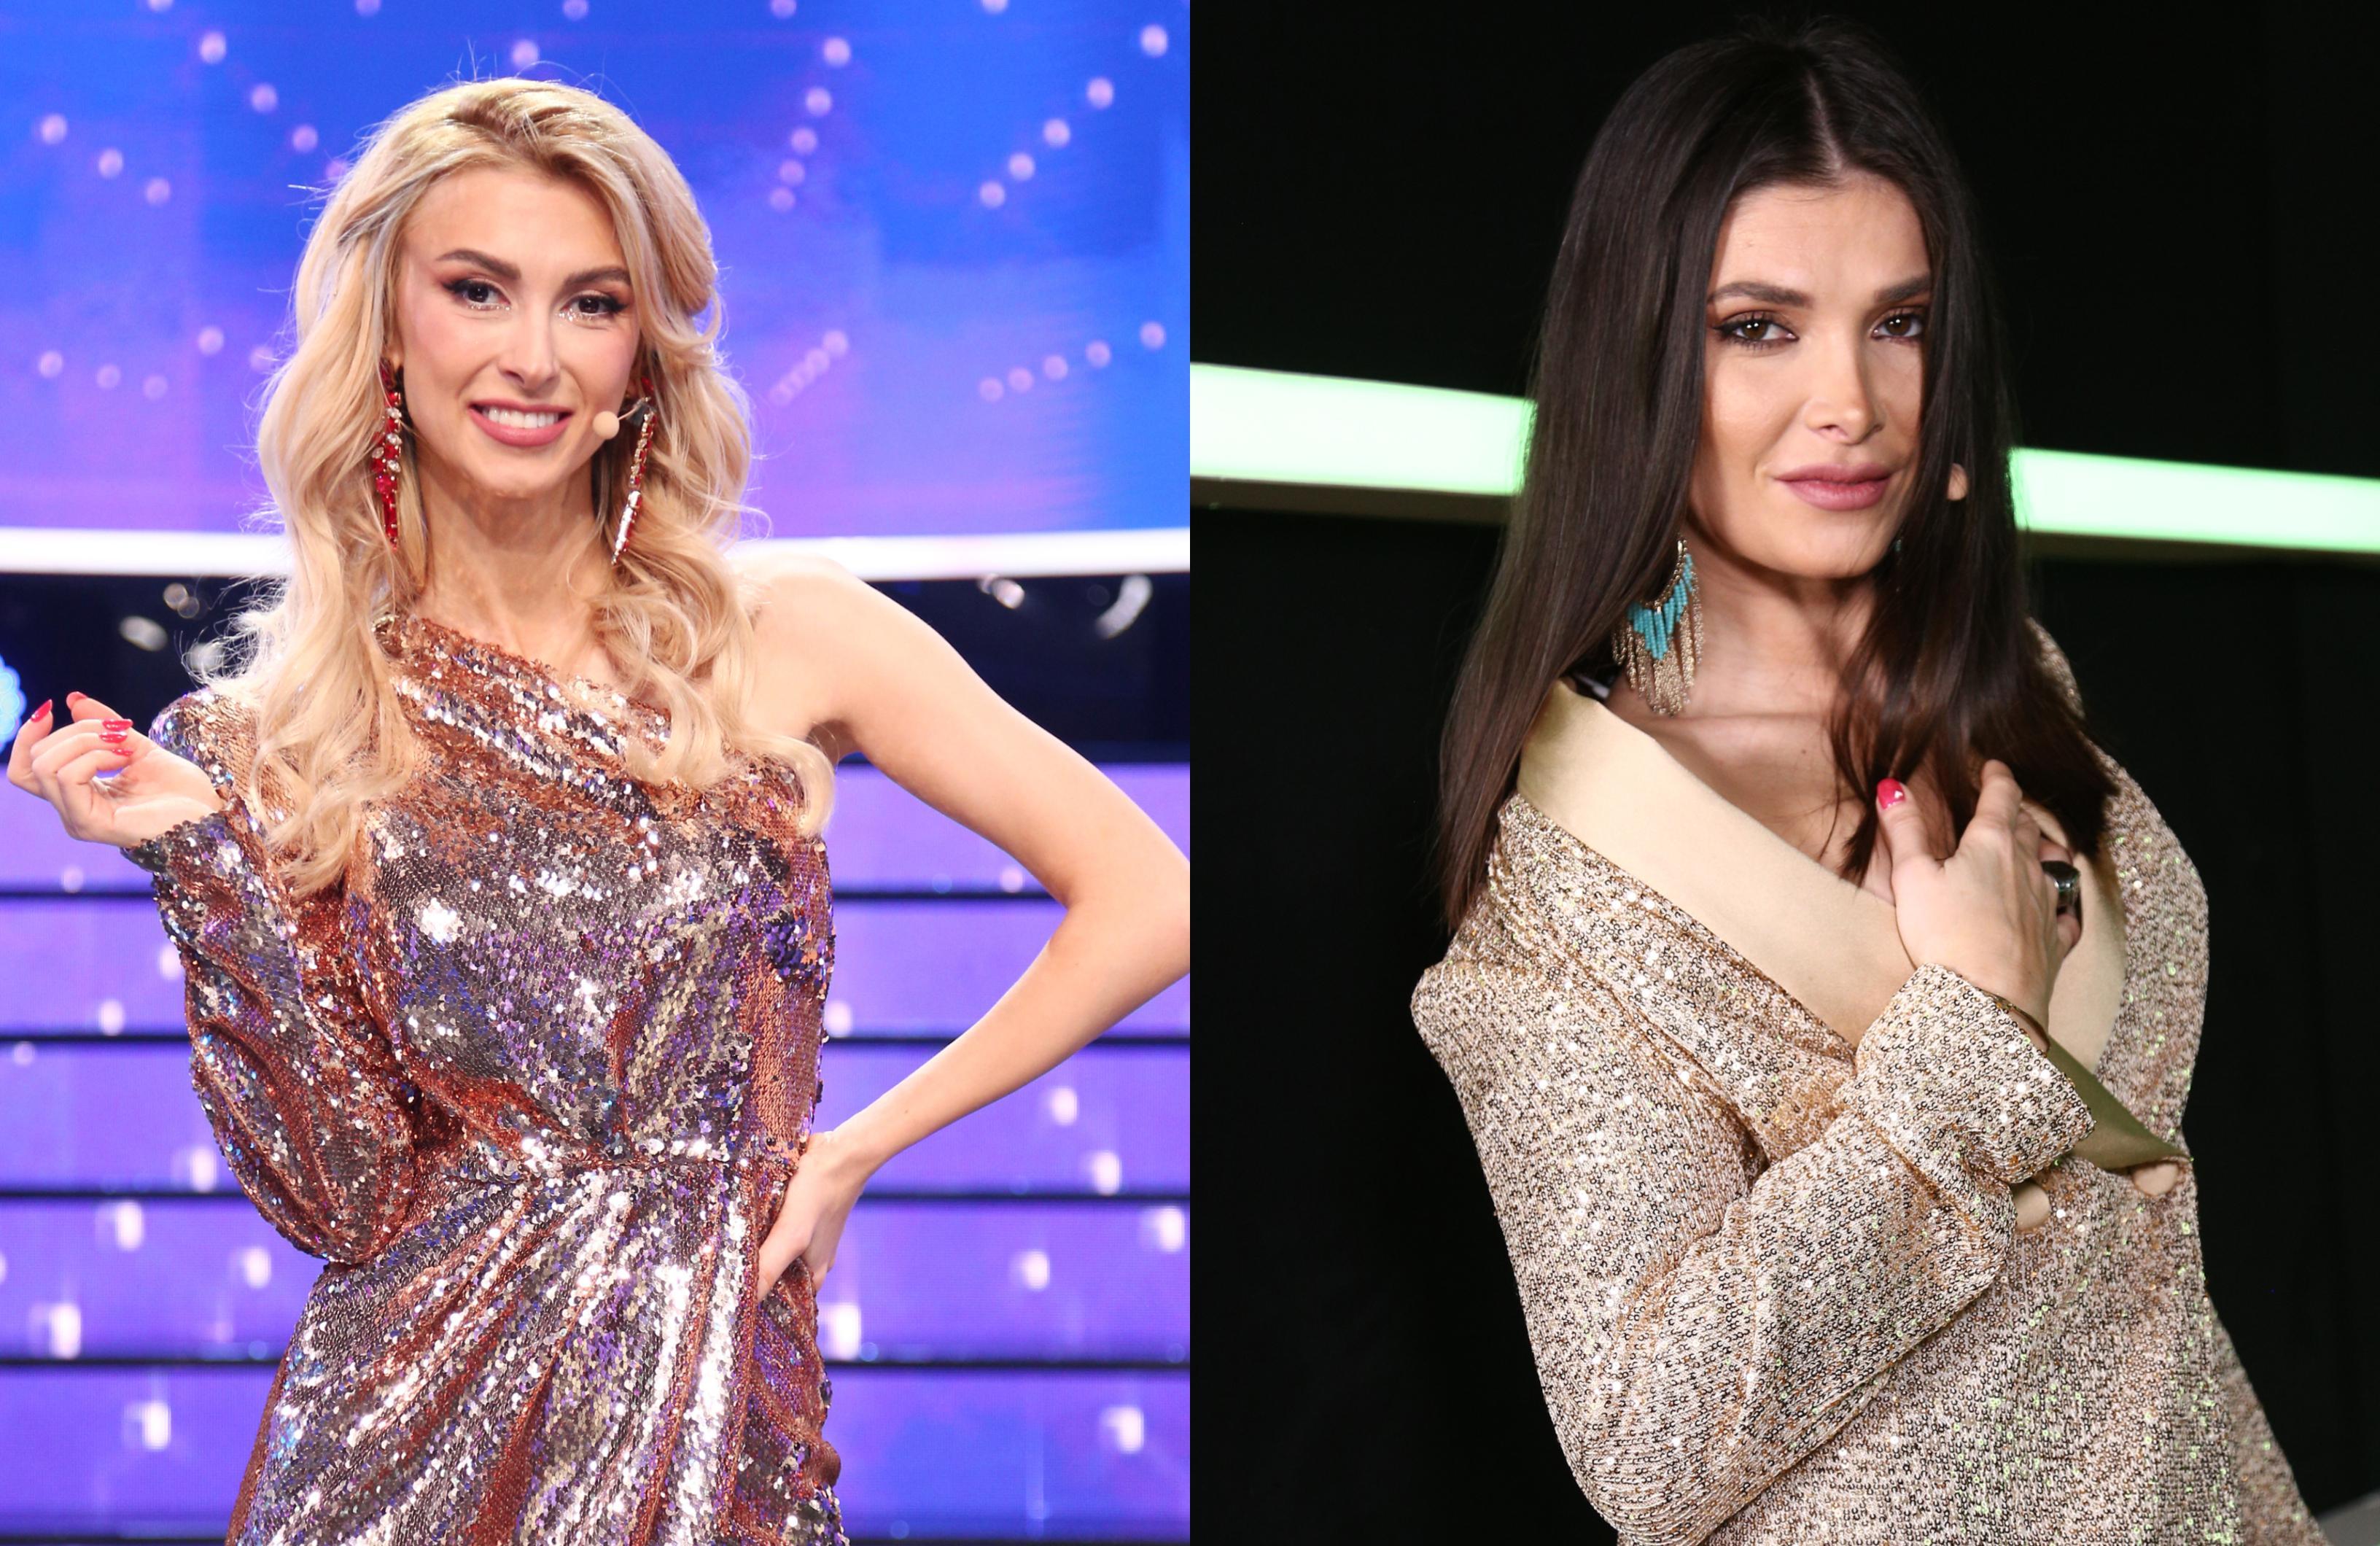 Te cunosc de undeva, 17 aprilie 2021. Alina Pușcaș și Andreea Bălan au purtat două ținute spectaculoase